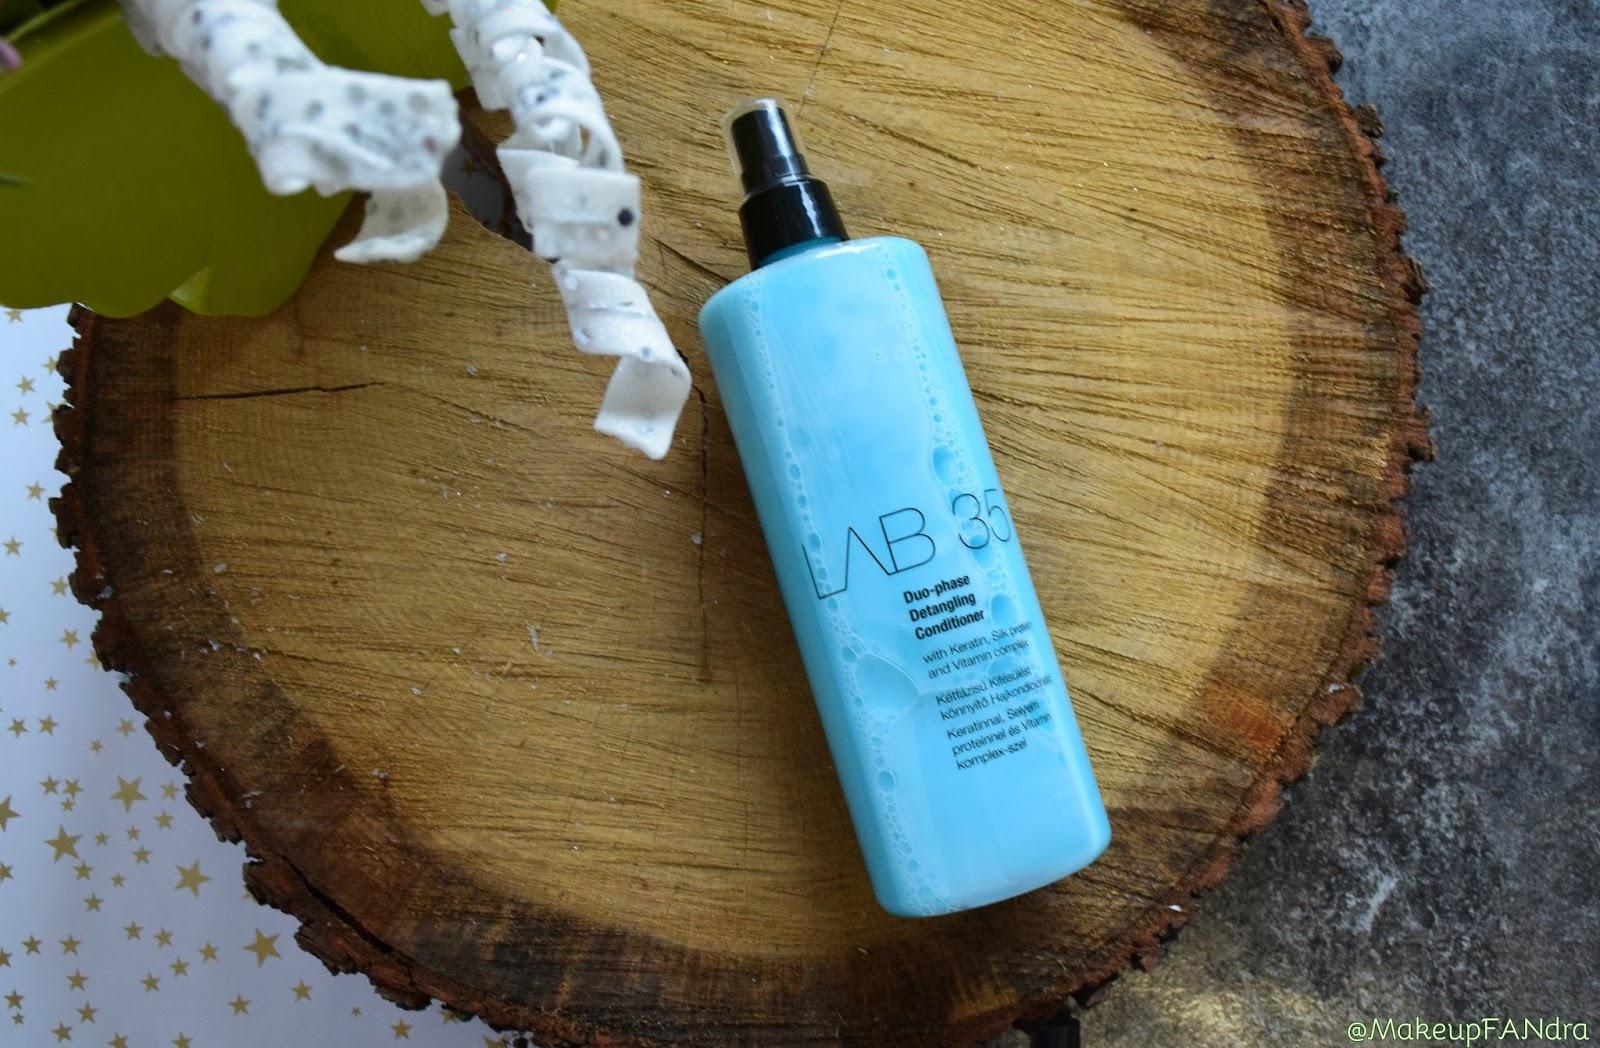 Favoriti-LAB-35-sprej-za-raščešljavanje-kose